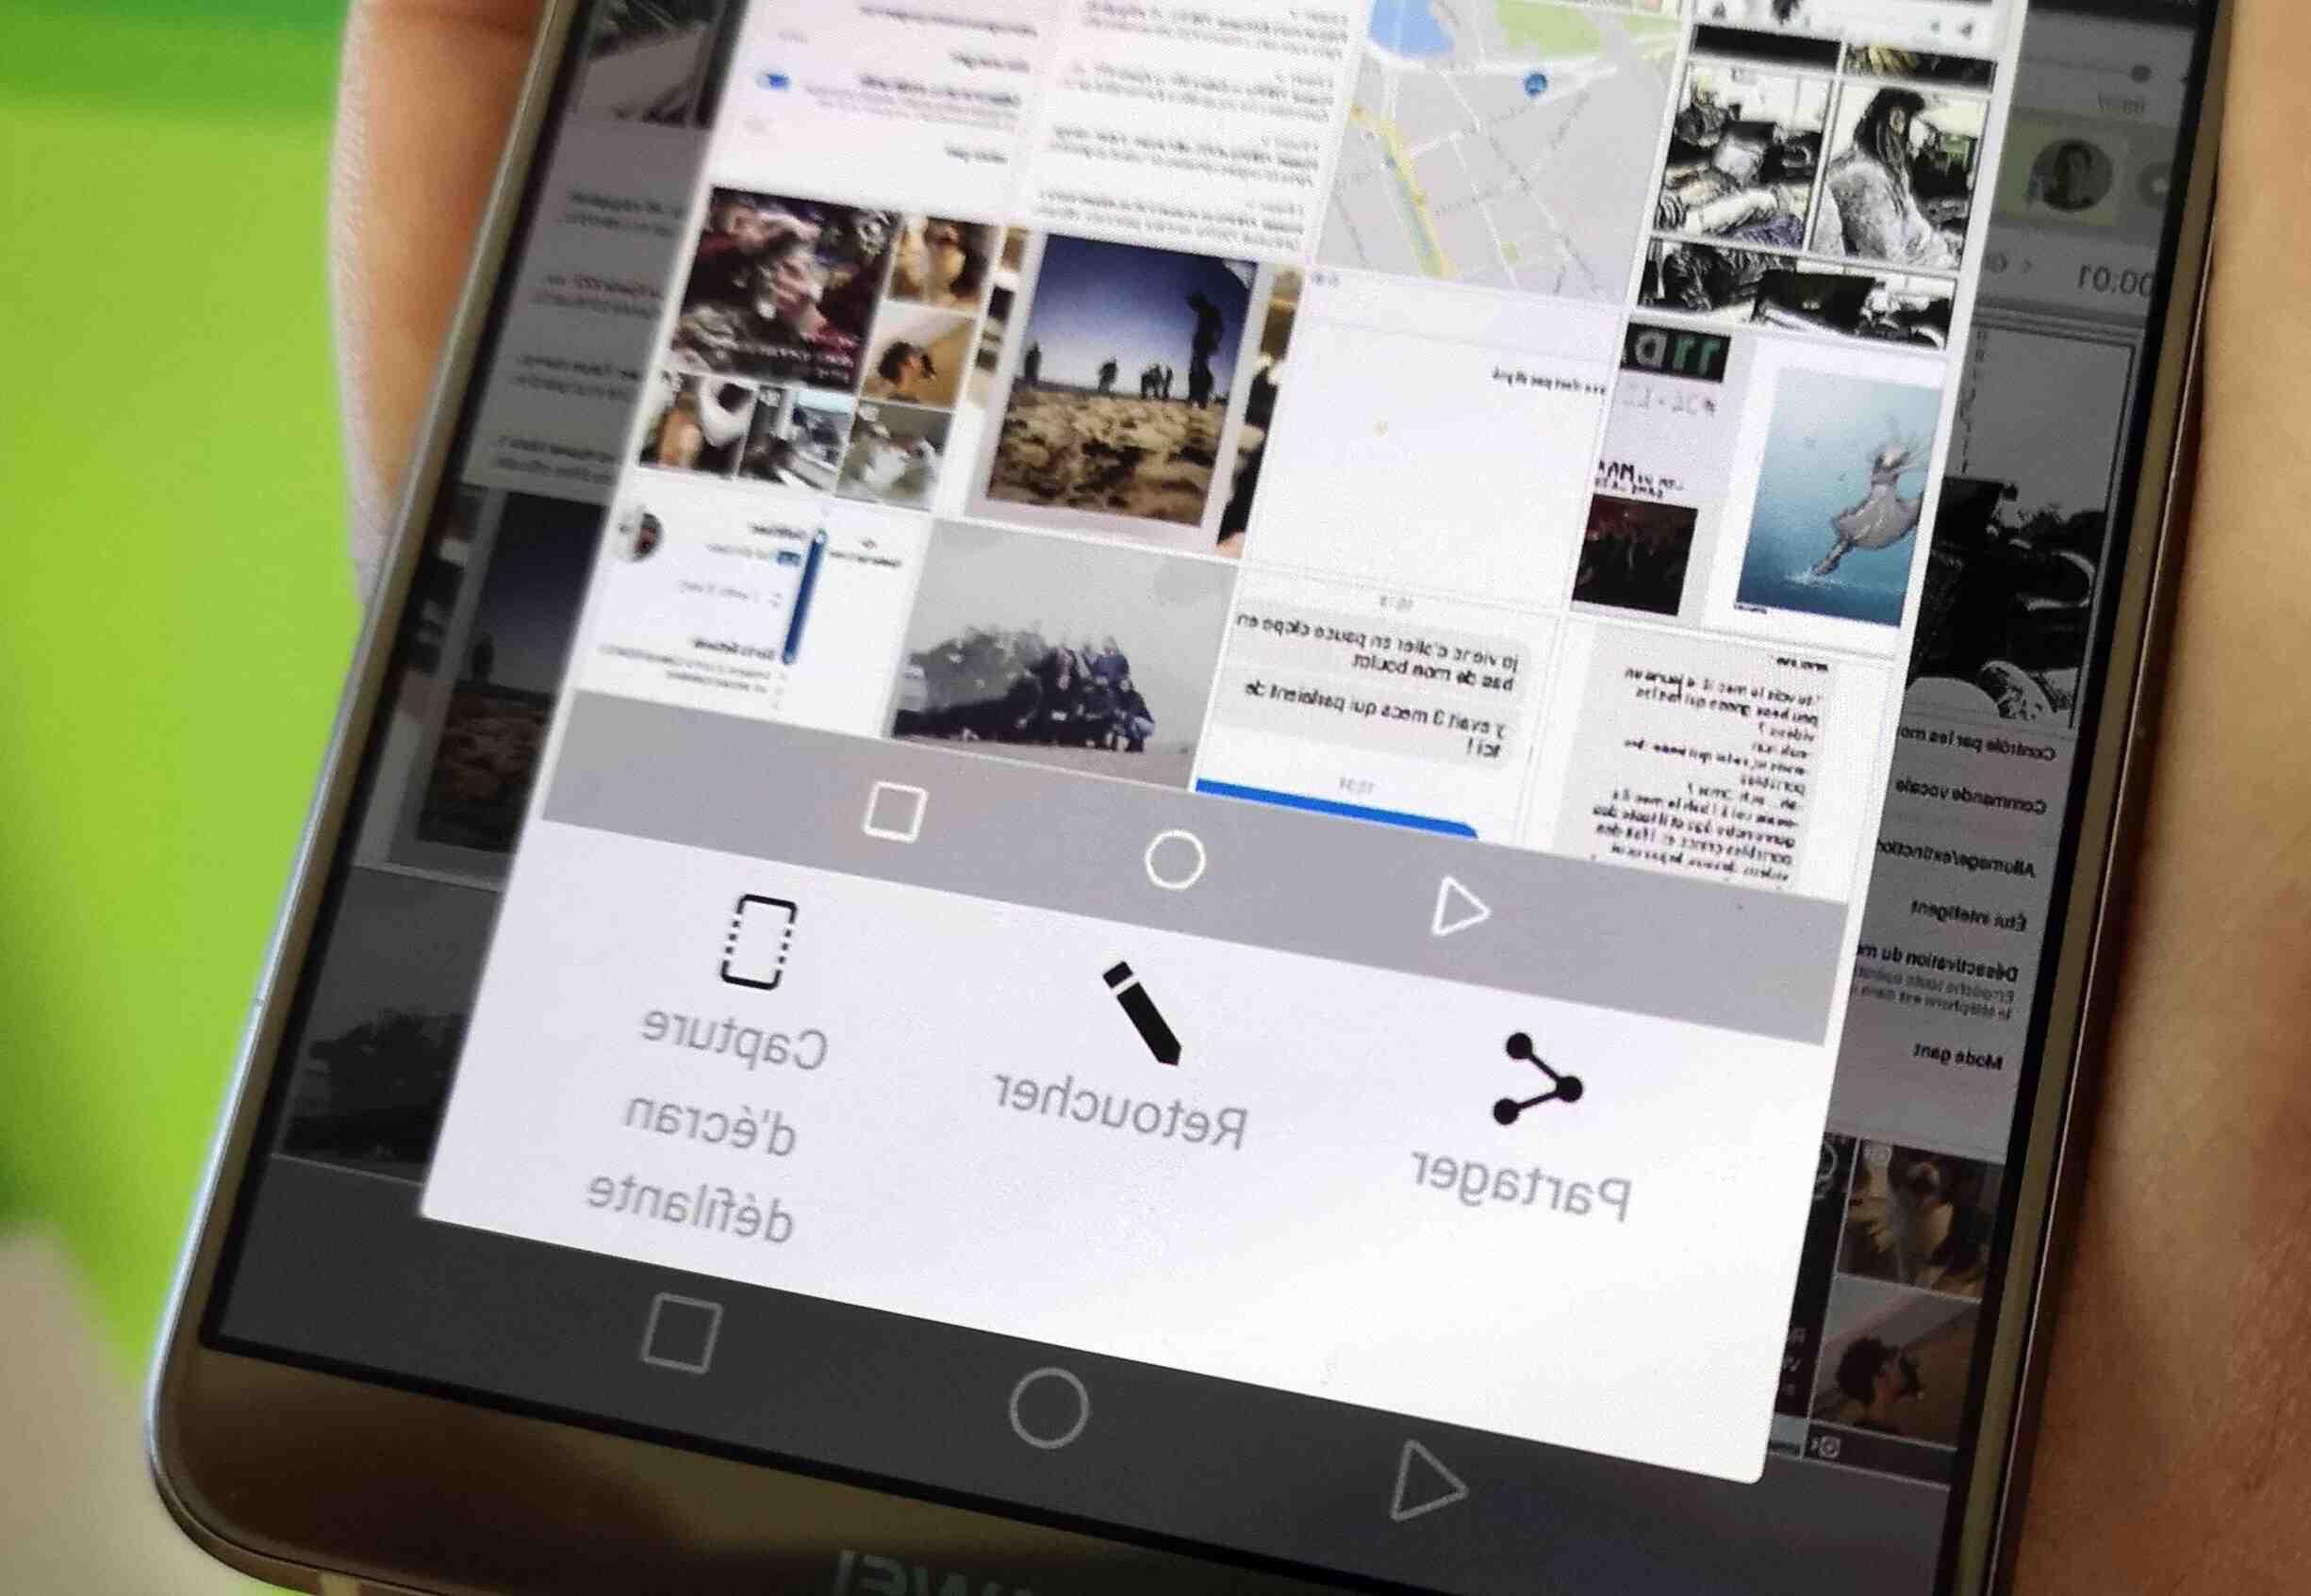 Comment éditer des vidéos avec votre téléphone?